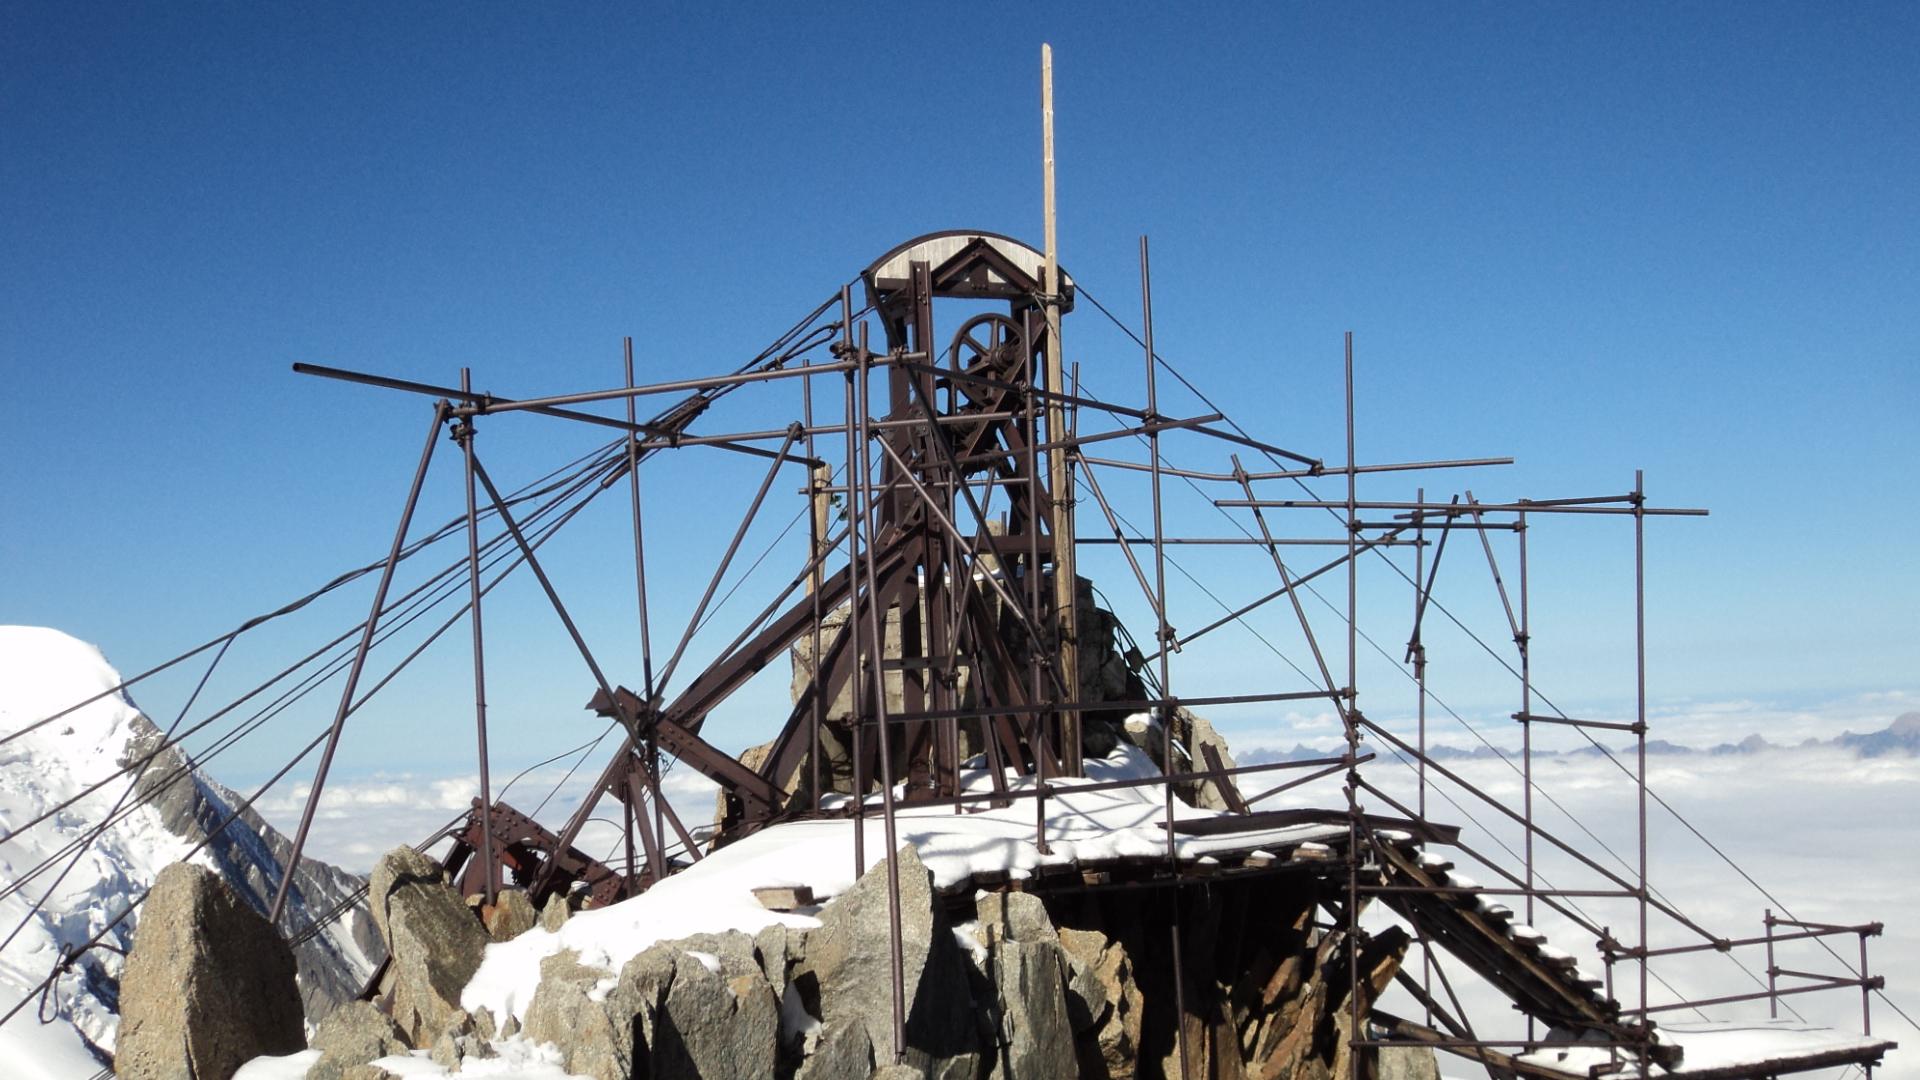 Démontage de la gare d'arrivée au col du Midi, abandonnée depuis 1948 !